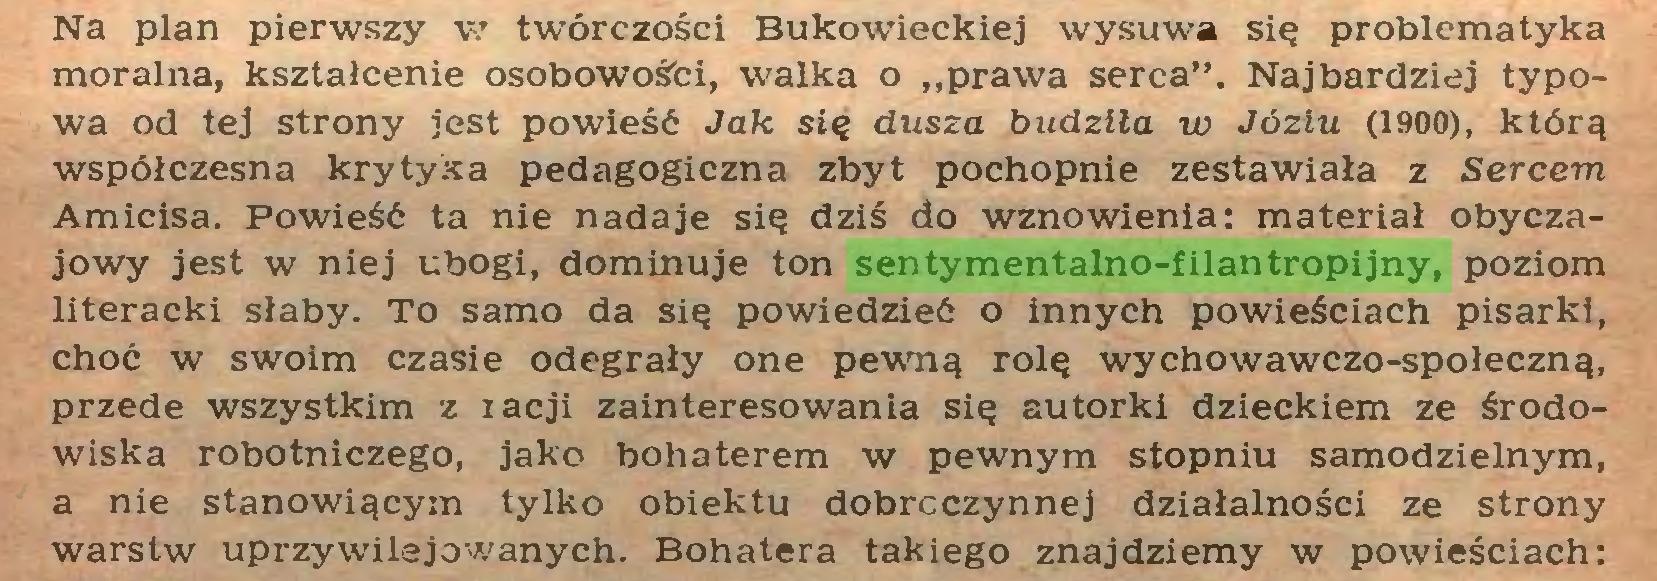 """(...) Na plan pierwszy w twórczości Bukowieckiej wysuwa się problematyka moralna, kształcenie osobowośfci, walka o """"prawa serca"""". Najbardziej typowa od tej strony jest powieść Jak się dusza budziła w Józiu (1900), którą współczesna krytyka pedagogiczna zbyt pochopnie zestawiała z Sercem Amicisa. Powieść ta nie nadaje się dziś do wznowienia: materiał obyczajowy jest w niej ubogi, dominuje ton sentymentalno-filantropijny, poziom literacki słaby. To samo da się powiedzieć o innych powieściach pisarki, choć w swoim czasie odegrały one pewną rolę wychowawczo-społeczną, przede wszystkim z racji zainteresowania się autorki dzieckiem ze środowiska robotniczego, jako bohaterem w pewnym stopniu samodzielnym, a nie stanowiącym tylko obiektu dobroczynnej działalności ze strony warstw uprzywilejowanych. Bohatera takiego znajdziemy w powieściach:..."""